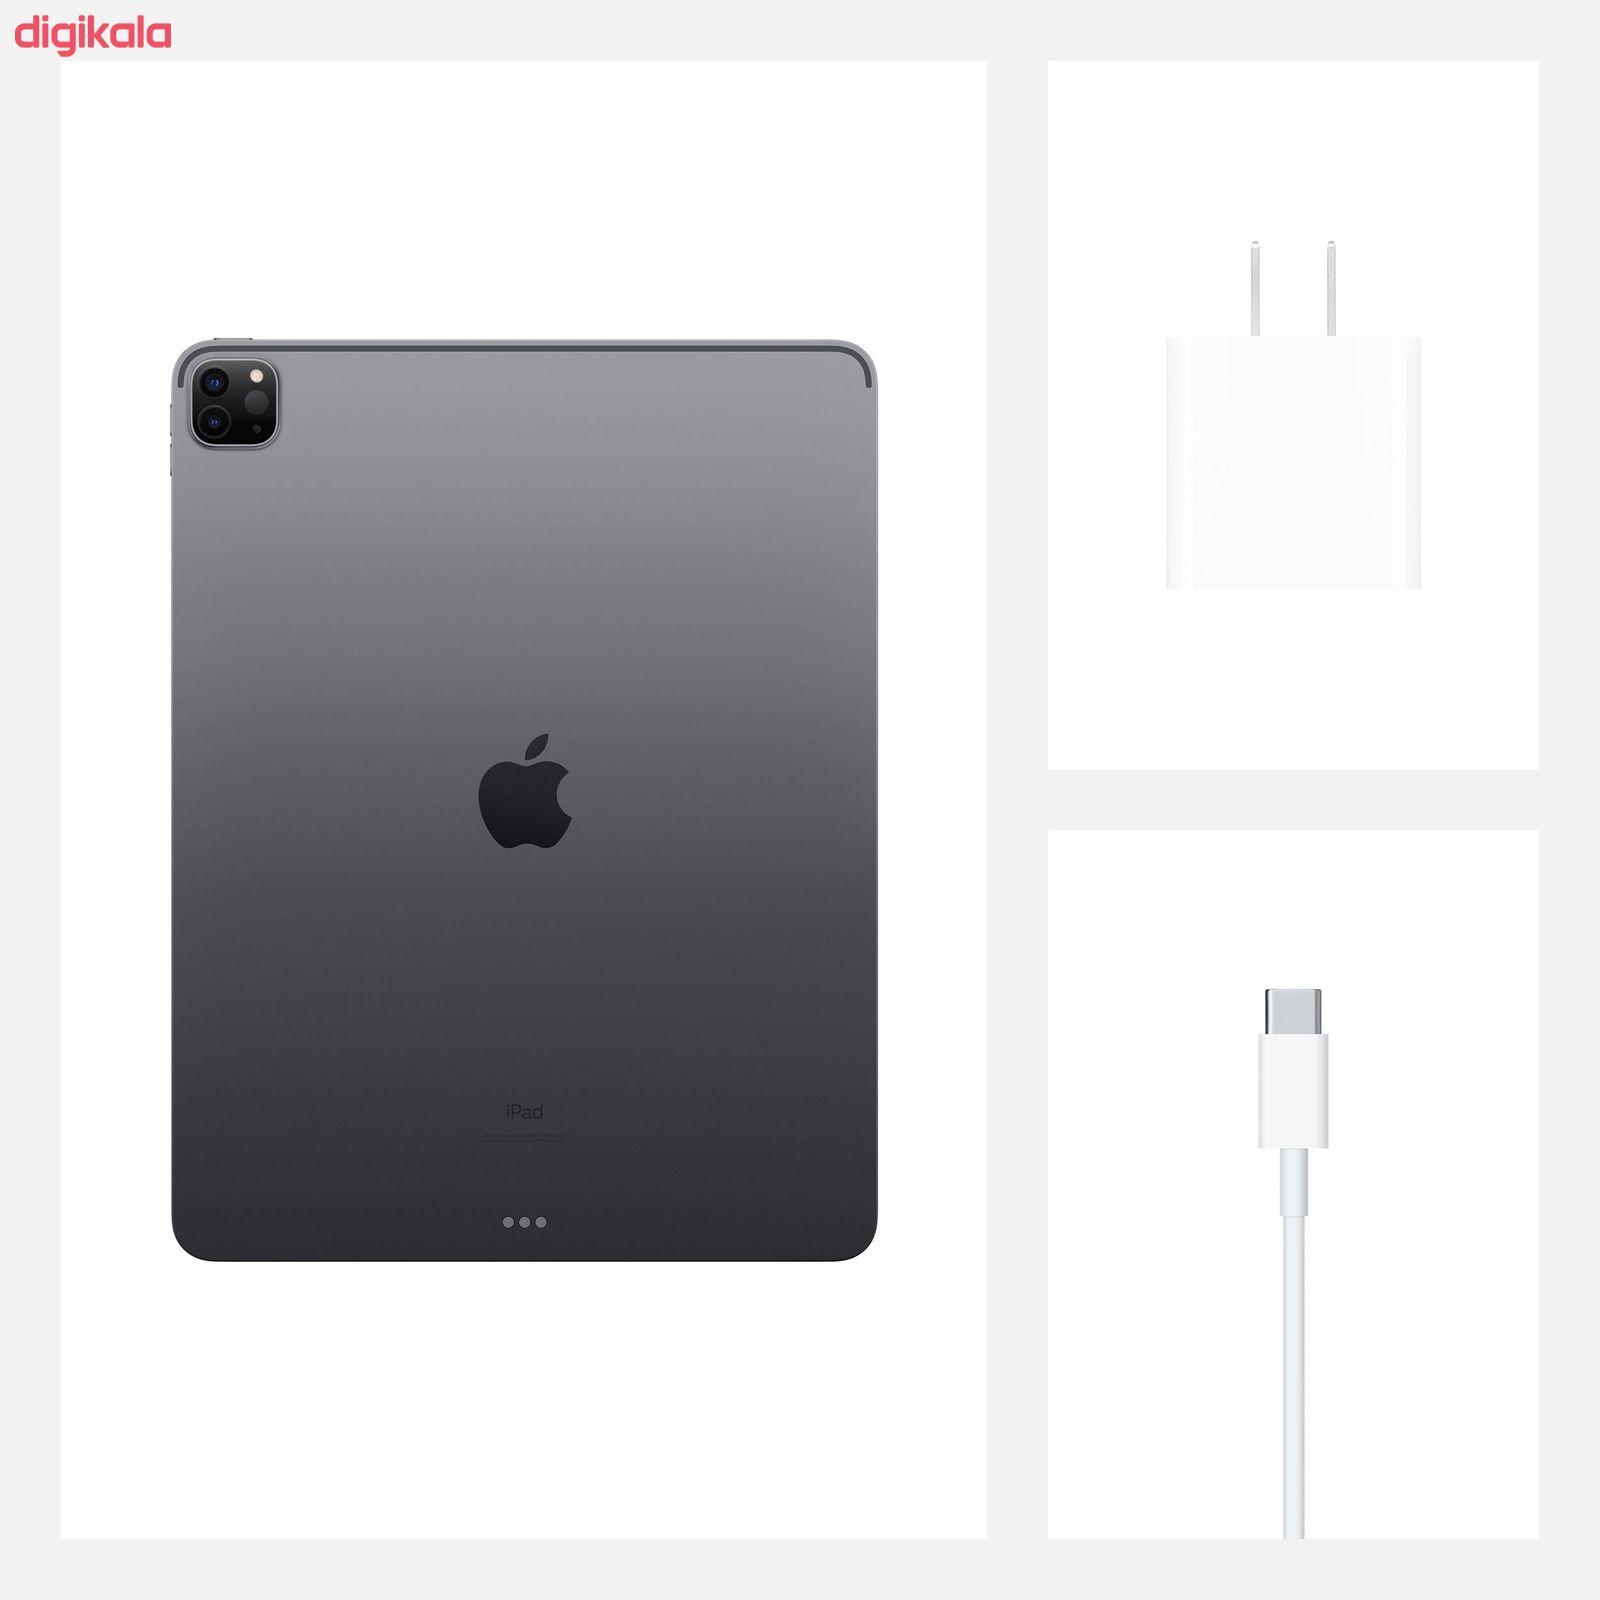 تبلت اپل مدل iPad Pro 11 inch 2020 WiFi ظرفیت 128 گیگابایت  main 1 5